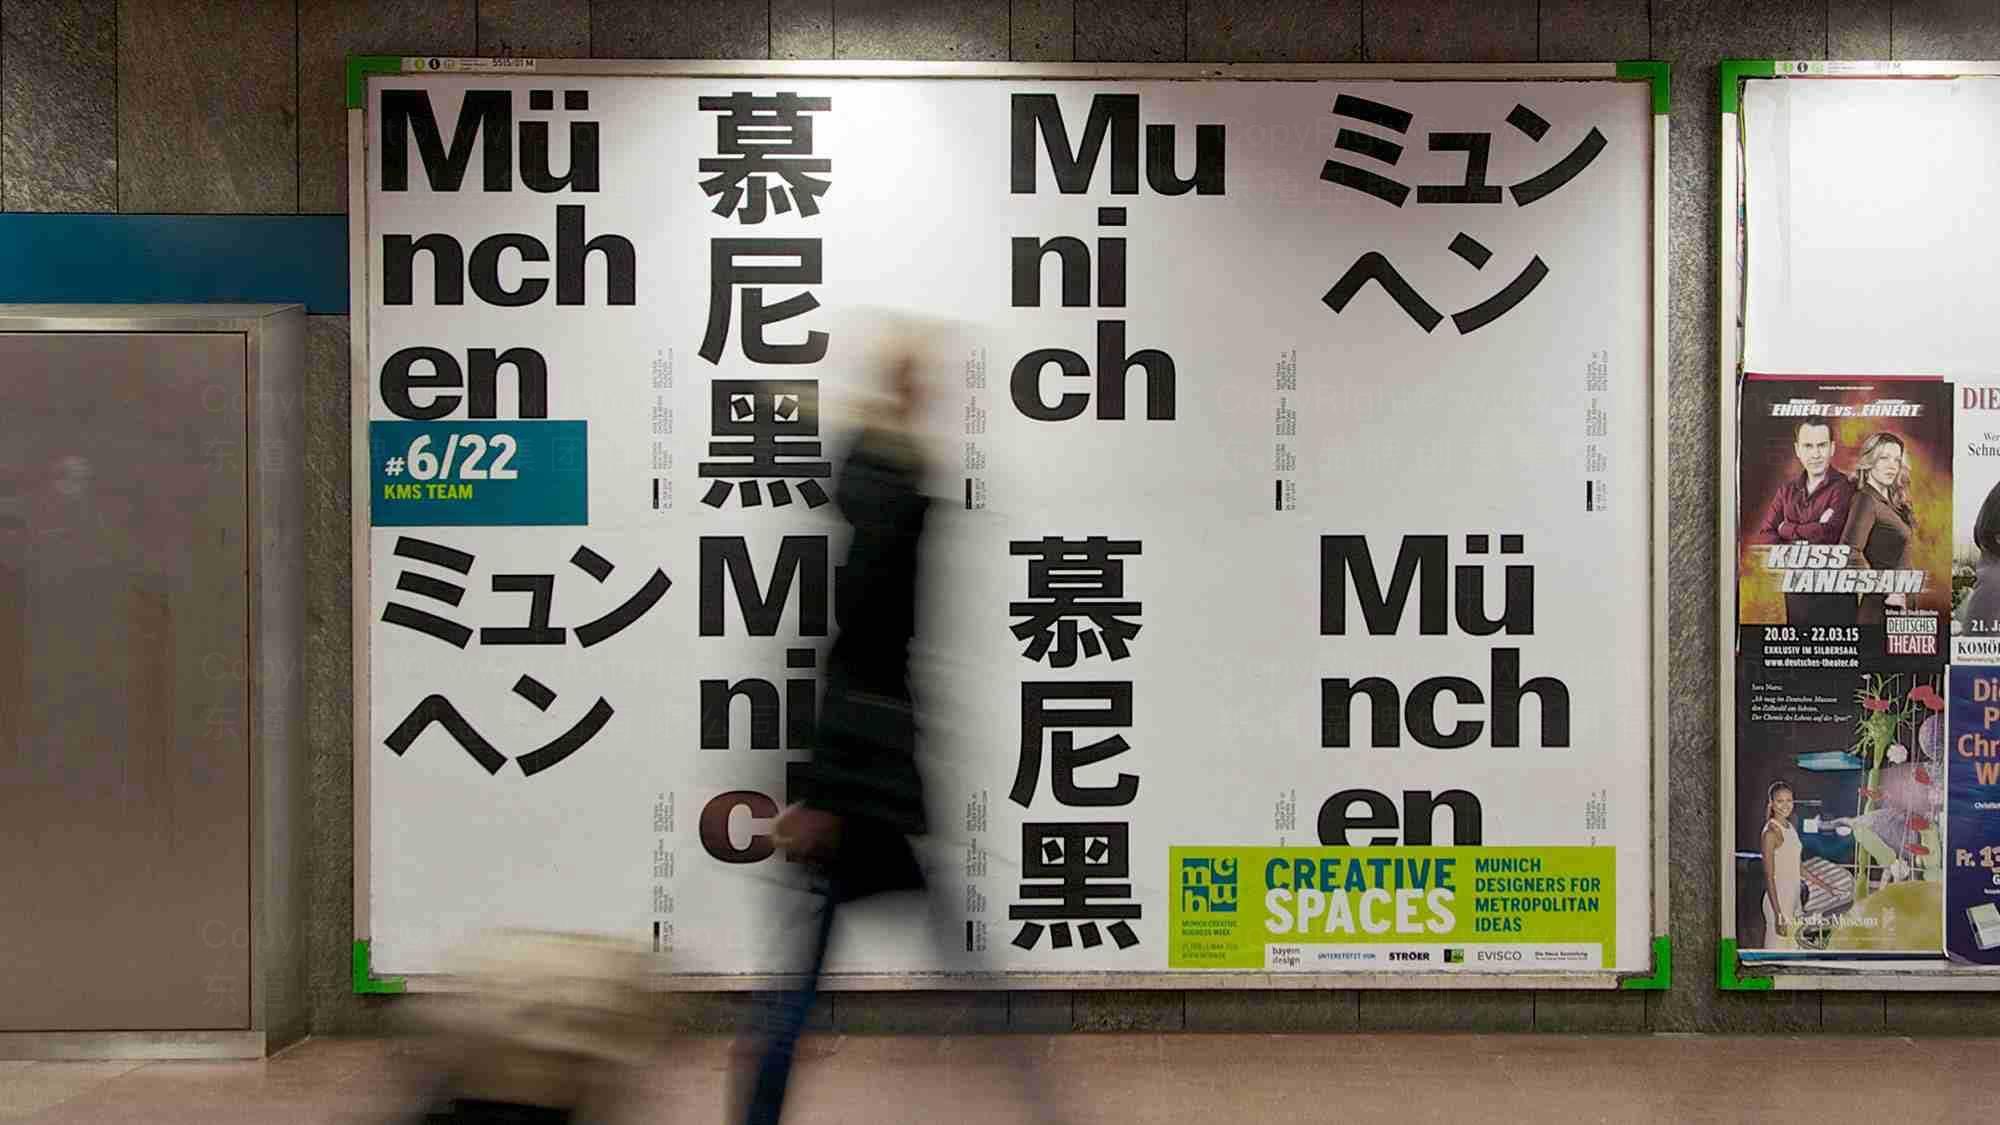 慕尼黑创意营商周